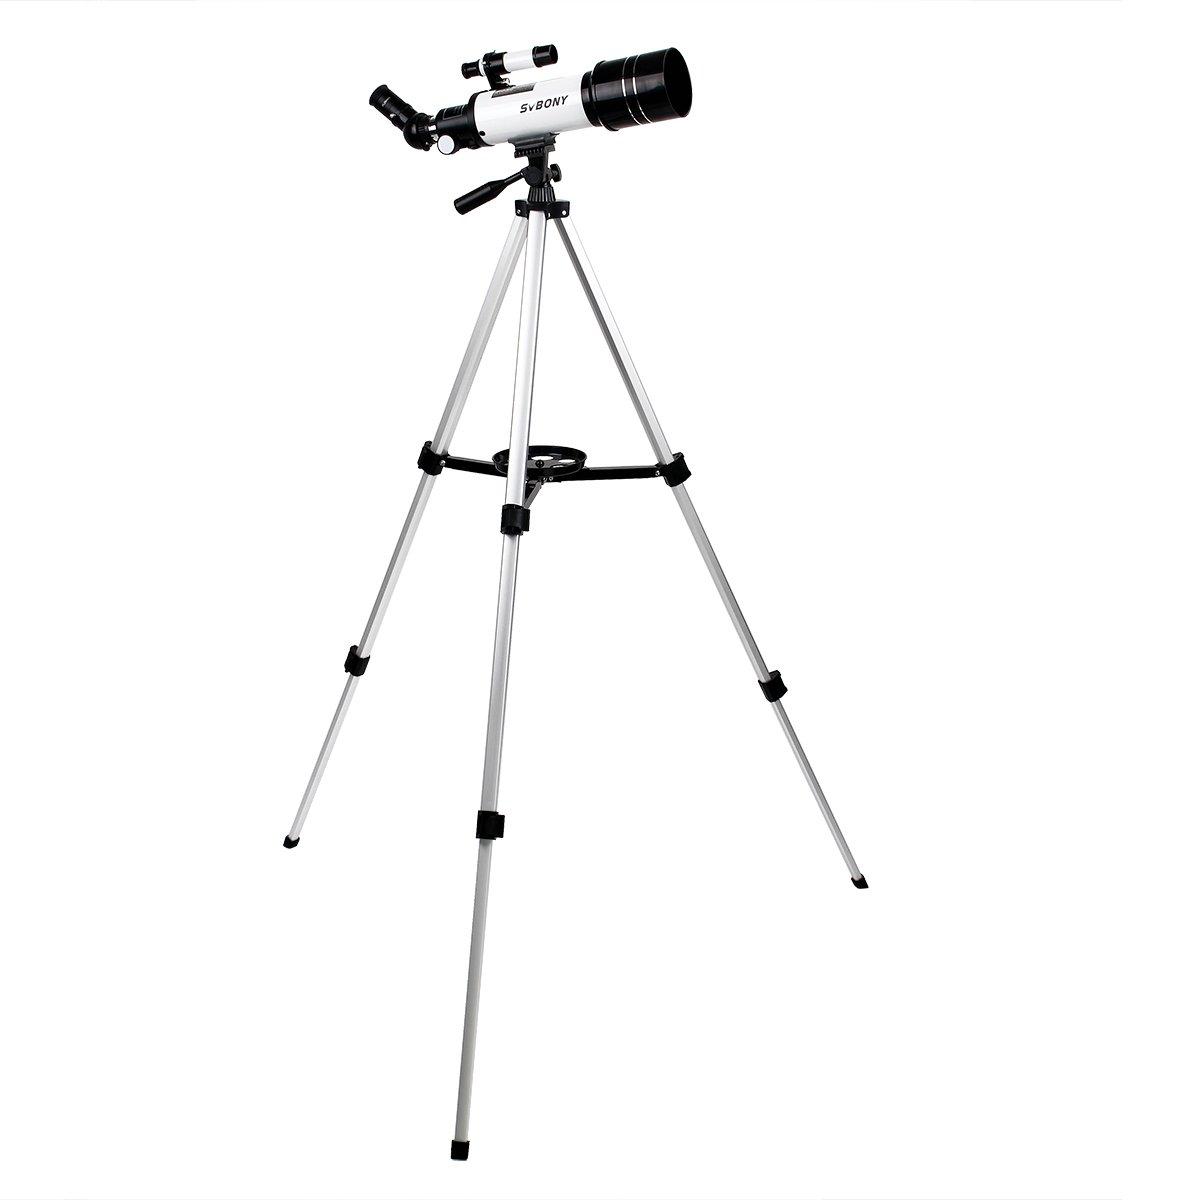 SVBONY SV35 70mm Telescopes for Astronomy with Aluminum Tripod Refractor Telescope for Stargazing